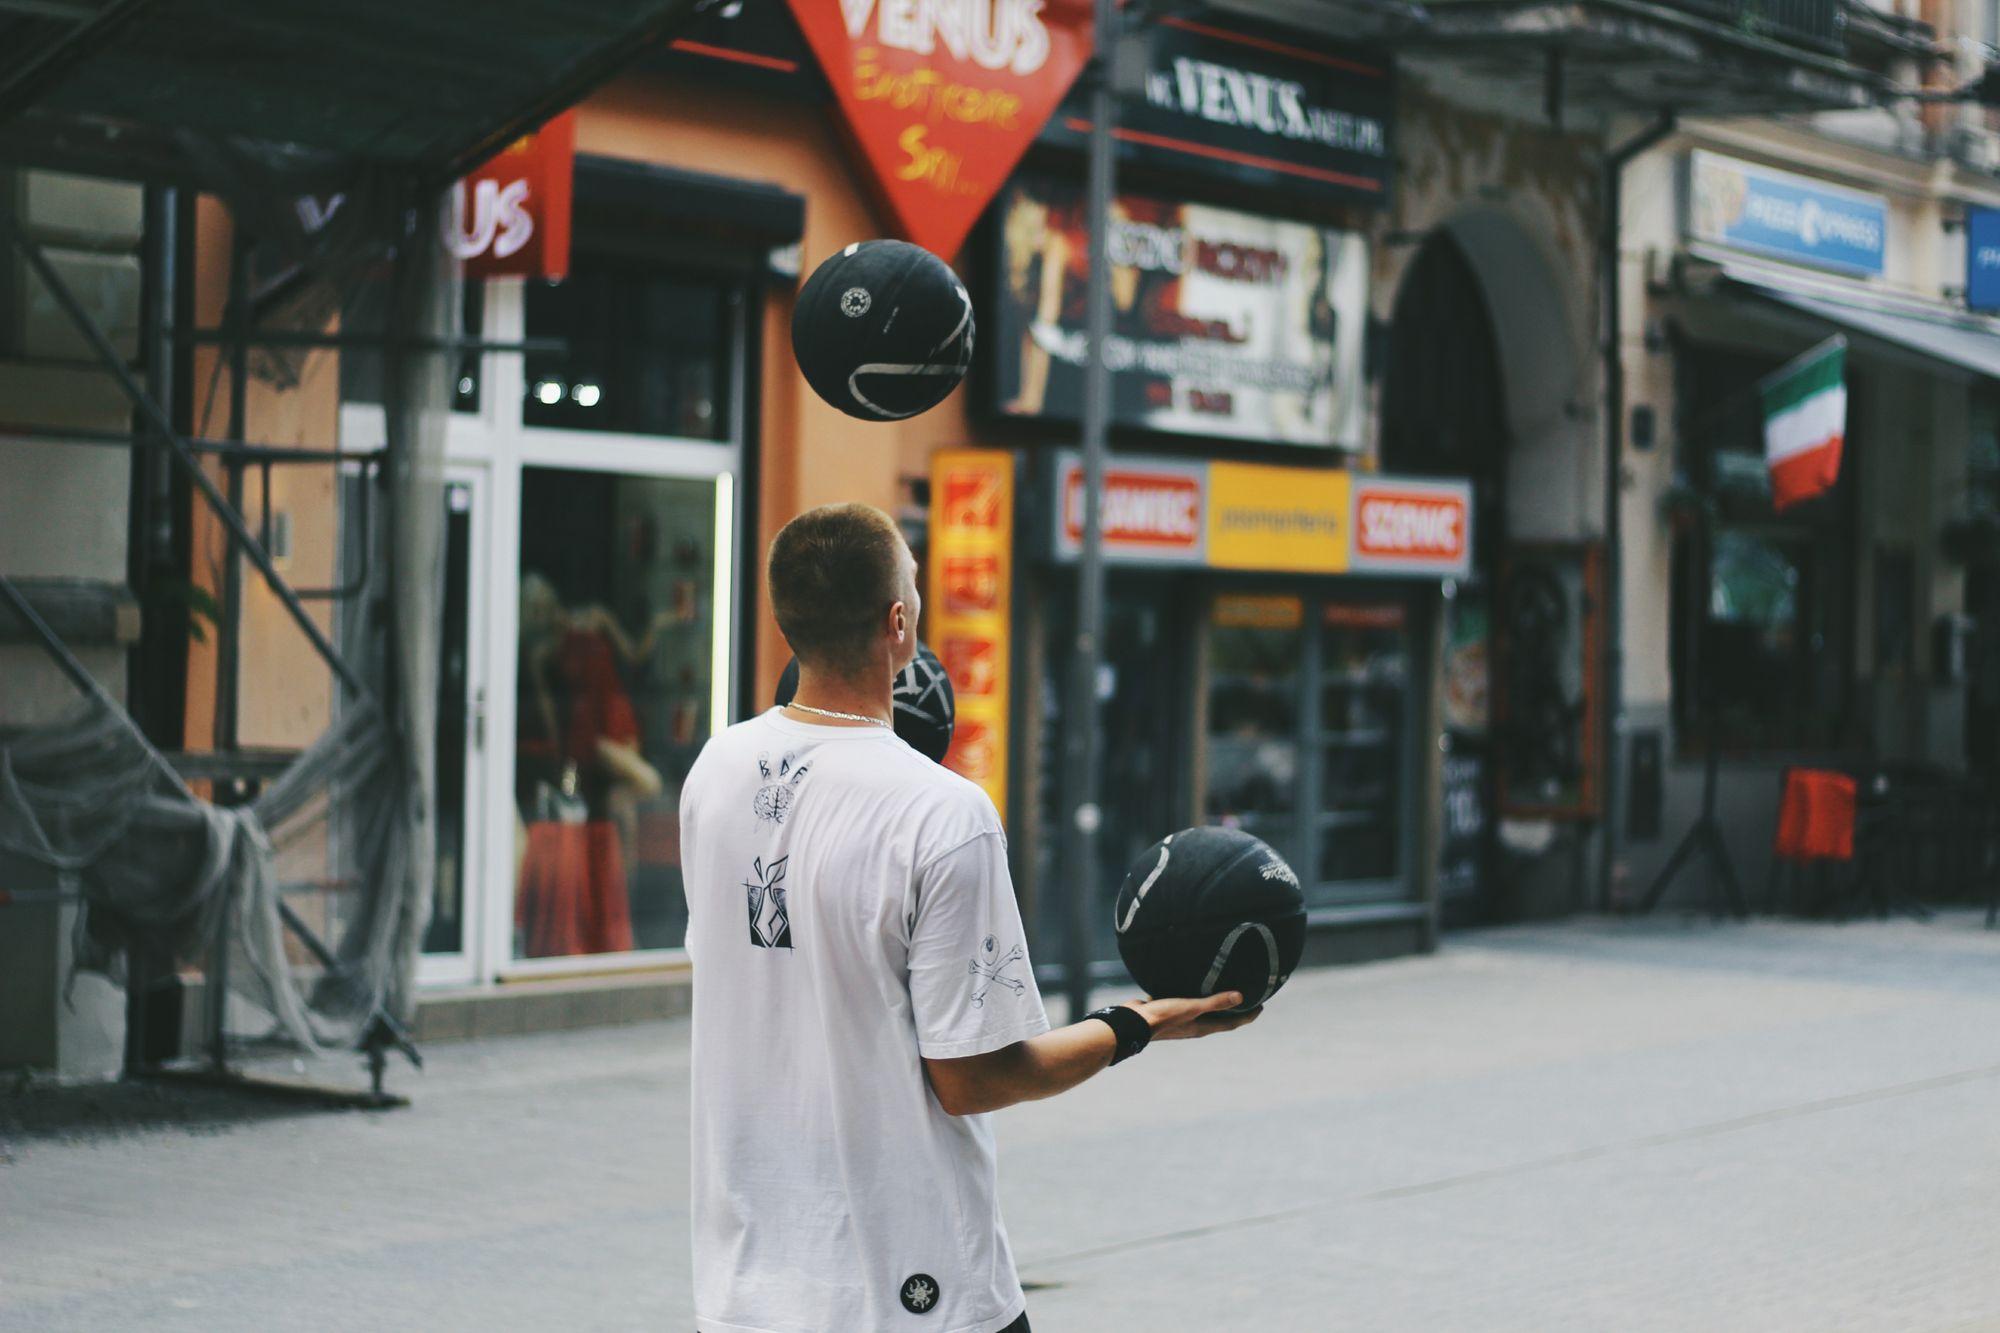 Man juggling basketballs